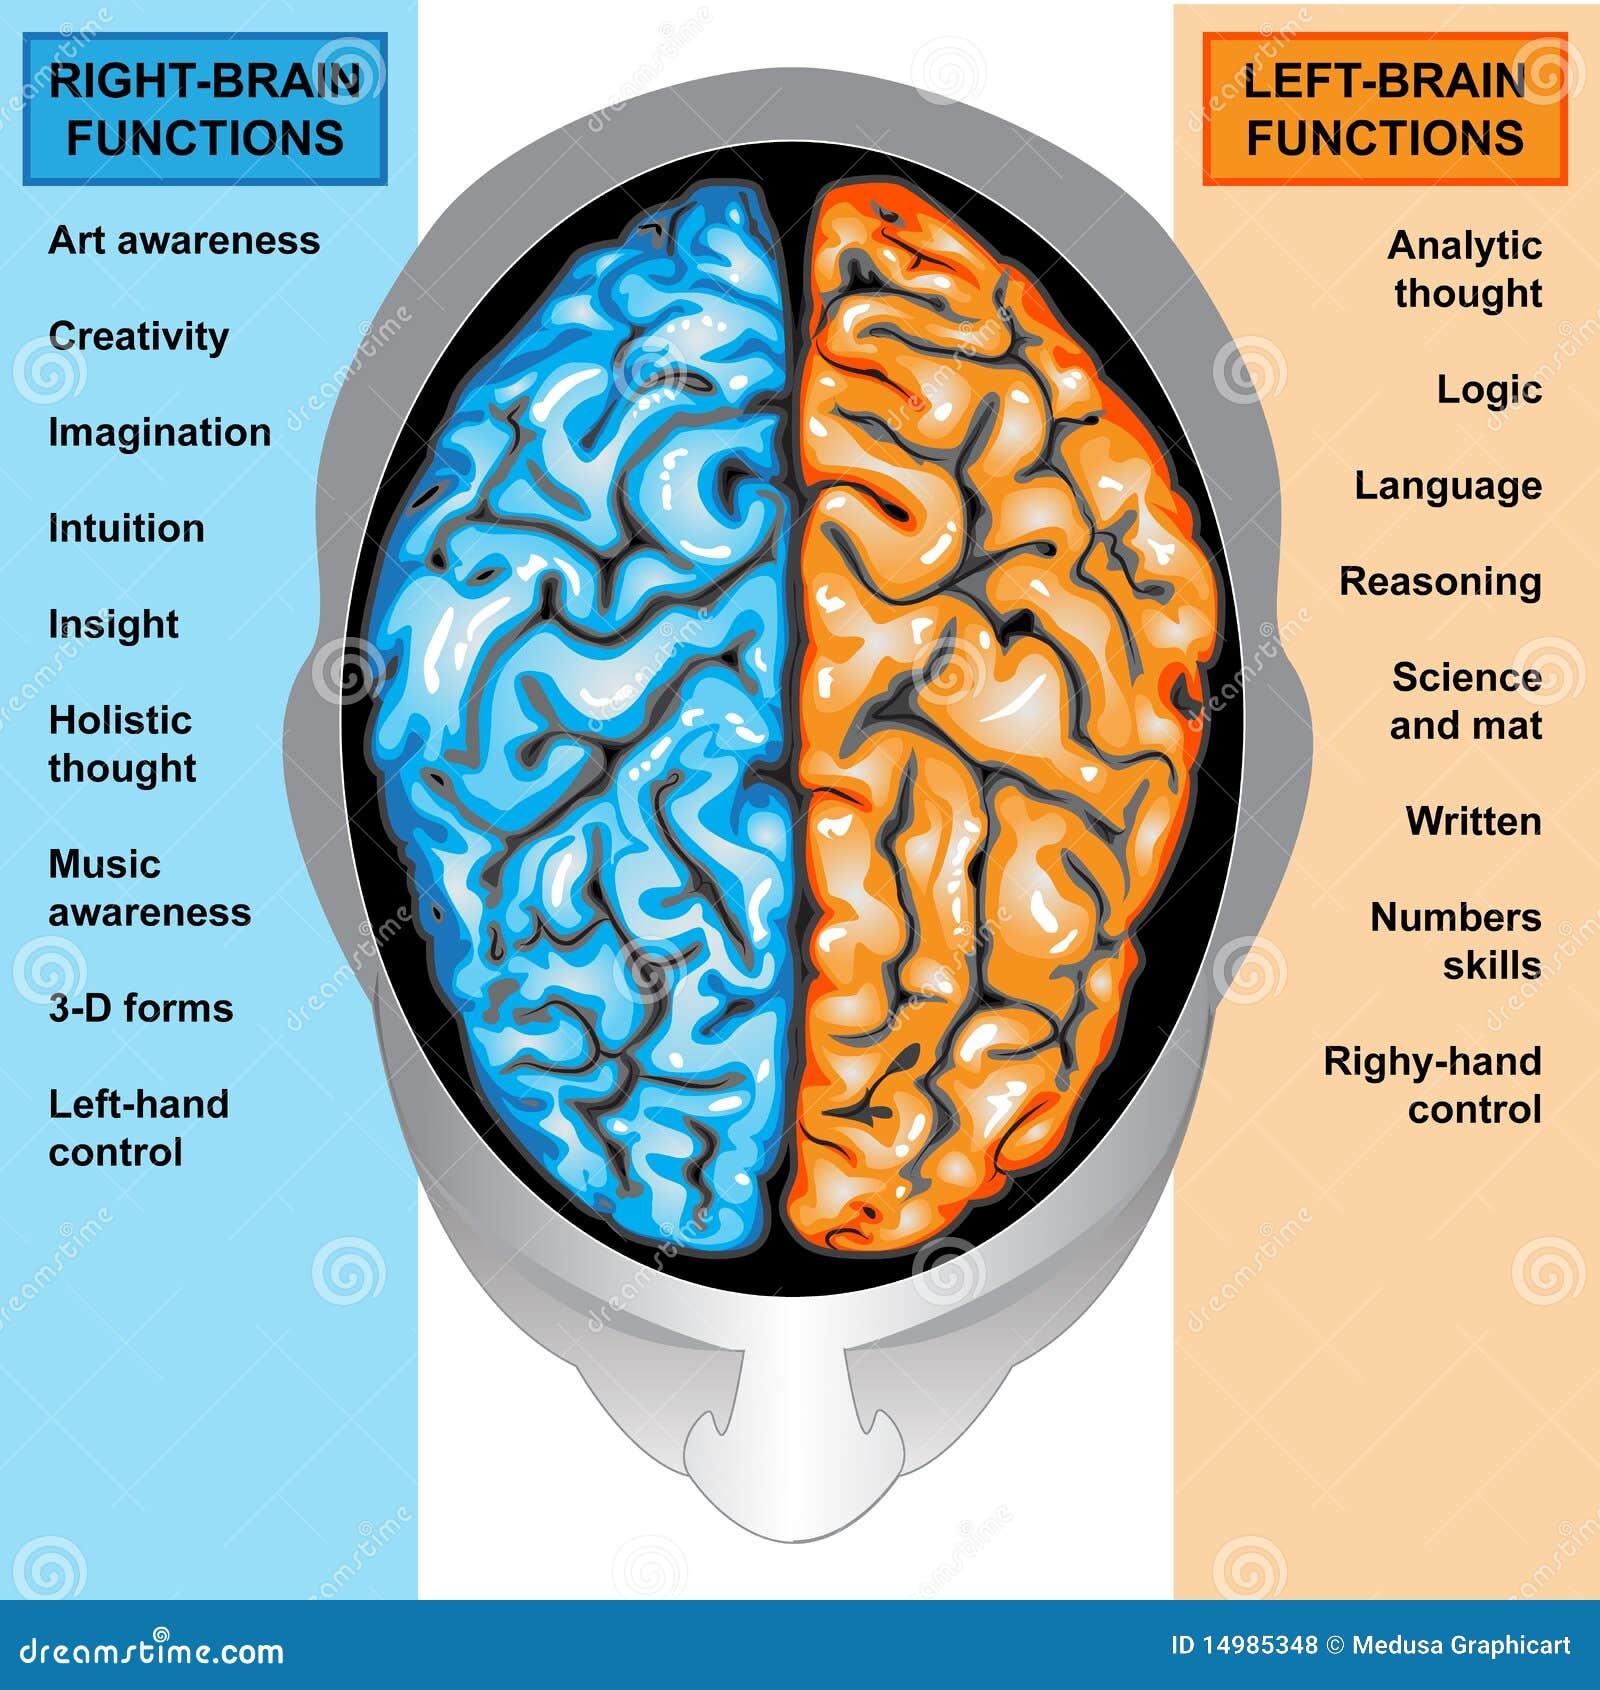 Le cerveau humain fonctionne à gauche et à droite